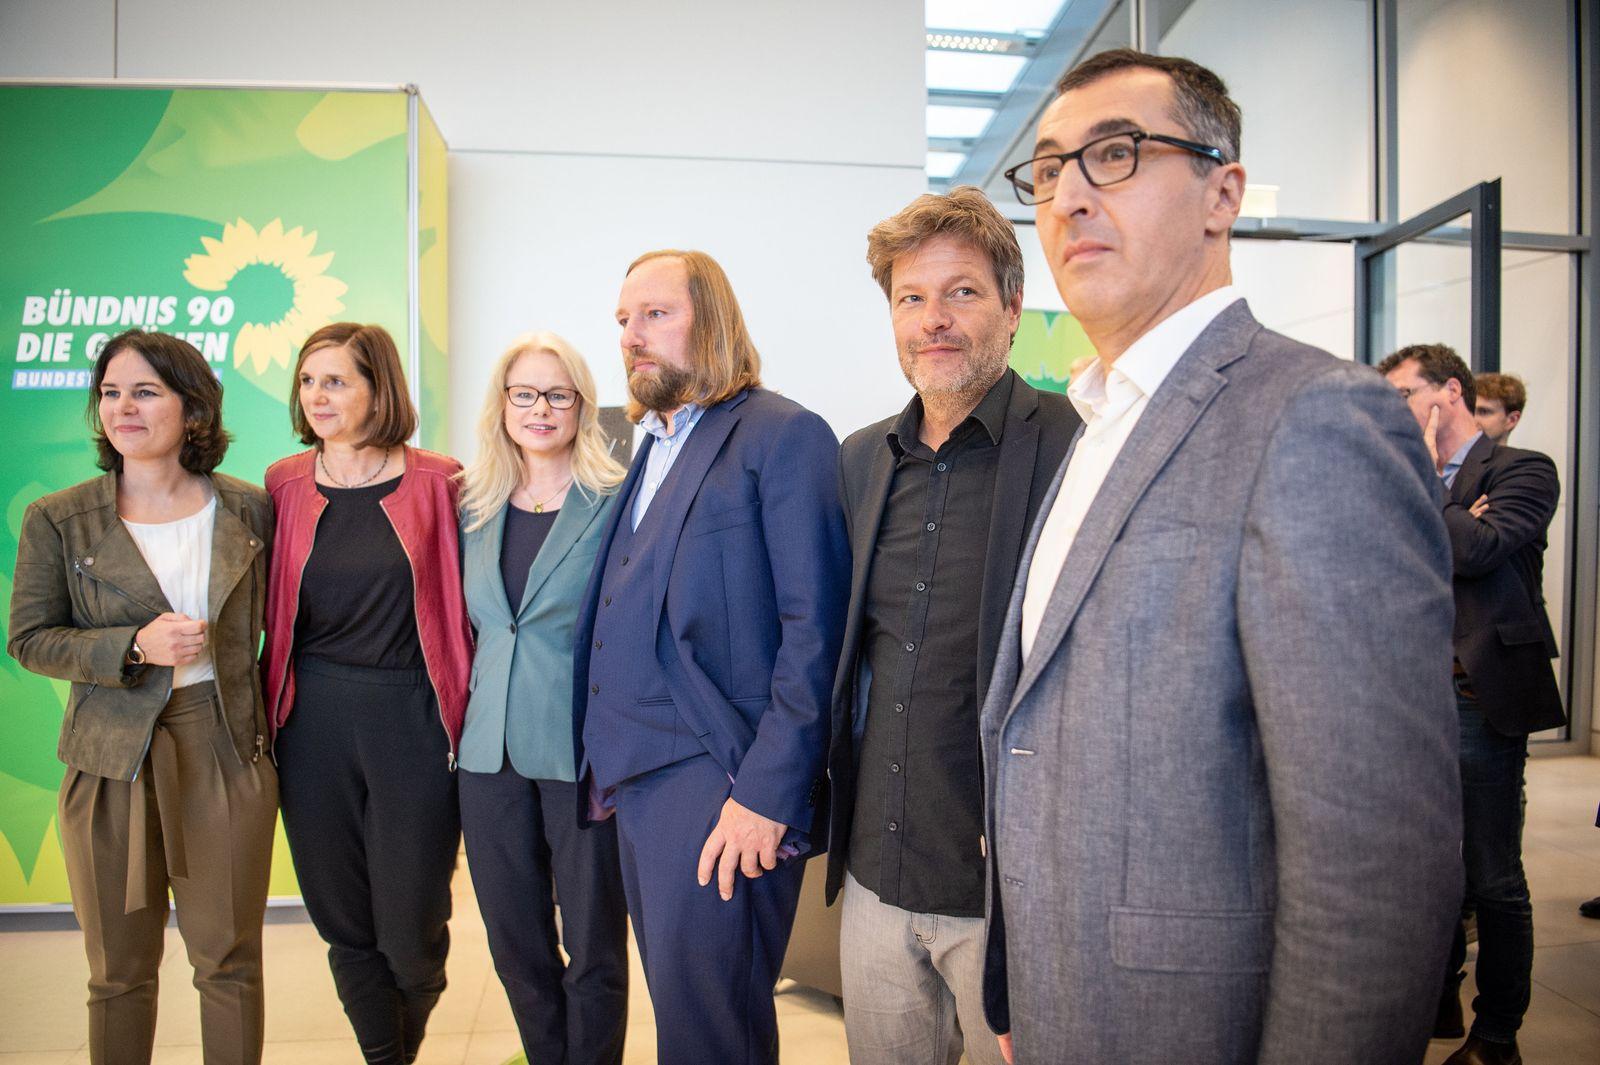 Fraktionssitzung der Grünen - Wahl der Vorsitzenden